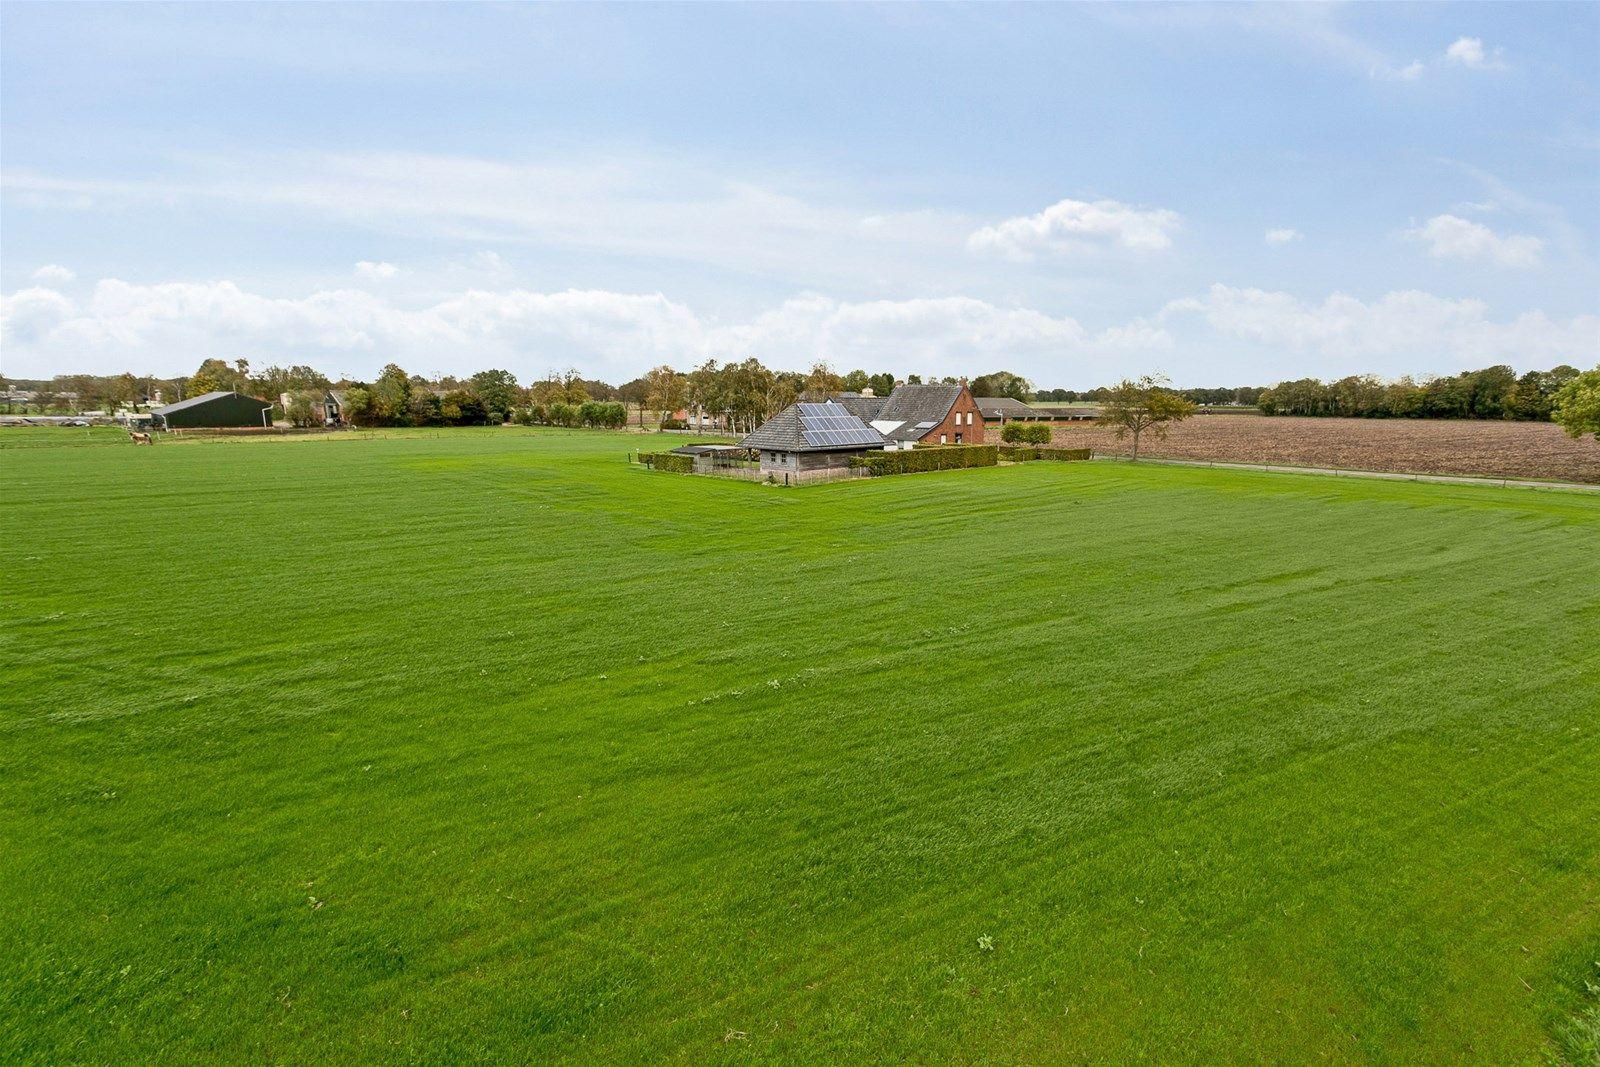 -Dit object heeft een agrarische bestemming. Een principeverzoek tot medewerking om de agrarische bestemming om te zetten naar een woonbestemming is reeds bij de gemeente Baarle-Nassau ingediend-.   Zeer nette en landelijk gelegen woning met fraaie tuinschuur op perceel van ca. 2.000 m², waarbij ca. 15.650 m³ grond optioneel aan te kopen is. Het object is in de loop der tijd volledig gerenoveerd en voorzien van zonnecollectoren en zonnepanelen. Vanuit de woning wordt een prachtig uitzicht verkregen over de uitgestrekte landerijen. Hiermee komt het -buitenleven-gevoel- optimaal tot zijn recht.  De begane grond is onder andere voorzien van een ruime woonkamer, keuken met kelder, serre, berging met toiletruimte, badkamer en slaapkamer. De eerste verdieping beschikt over een overloop, 3 slaapkamers en een toiletruimte. Met de aanpandige schuur, (voorzien van garage, bergzolder en berging) beschikt dit object over veel ruimte.  Rondom de woning is een verzorgde tuin aangelegd welke voorzien is van een beregeningsinstallatie.  BEGANE GROND  Voorentree/hal met toegang tot woonkamer en slaapkamer en met een open vaste trap tot de eerste verdieping. Afwerking- Tegelvloer, stucwerk wanden en een schrotenplafond. Meterkast- 15 groepen en 2 aardlekschakelaars.   Ruime woonkamer met opkamer welke in open verbinding staat met de keuken. Afwerking- Deels tegelvloer en deels mFLOR PVC vloer (opkamer), stucwerk wanden en boardplafond met  inbouwspots.  Keuken in hoekopstelling (voorzien van gaskookplaat, combimagnetron, RVS-afzuigkap, vaatwasser, 11/4 -spoelbak en pannencarrousel). Vanuit de keuken is de serre, bijkeuken en kelder bereikbaar.      Afwerking- Tegelvloer met vloerverwarming, deels tegel en deels stucwerk wanden en boardplafond met inbouwspots.  Bijkeuken met eenvoudig keukenblok en wasmachine– en drogeraansluiting. De bijkeuken verleent toegang tot de toiletruimte, badkamer en garage.  Afwerking- Tegelvloer met vloerverwarming, tegelwanden en boardplafond.  Toiletruim